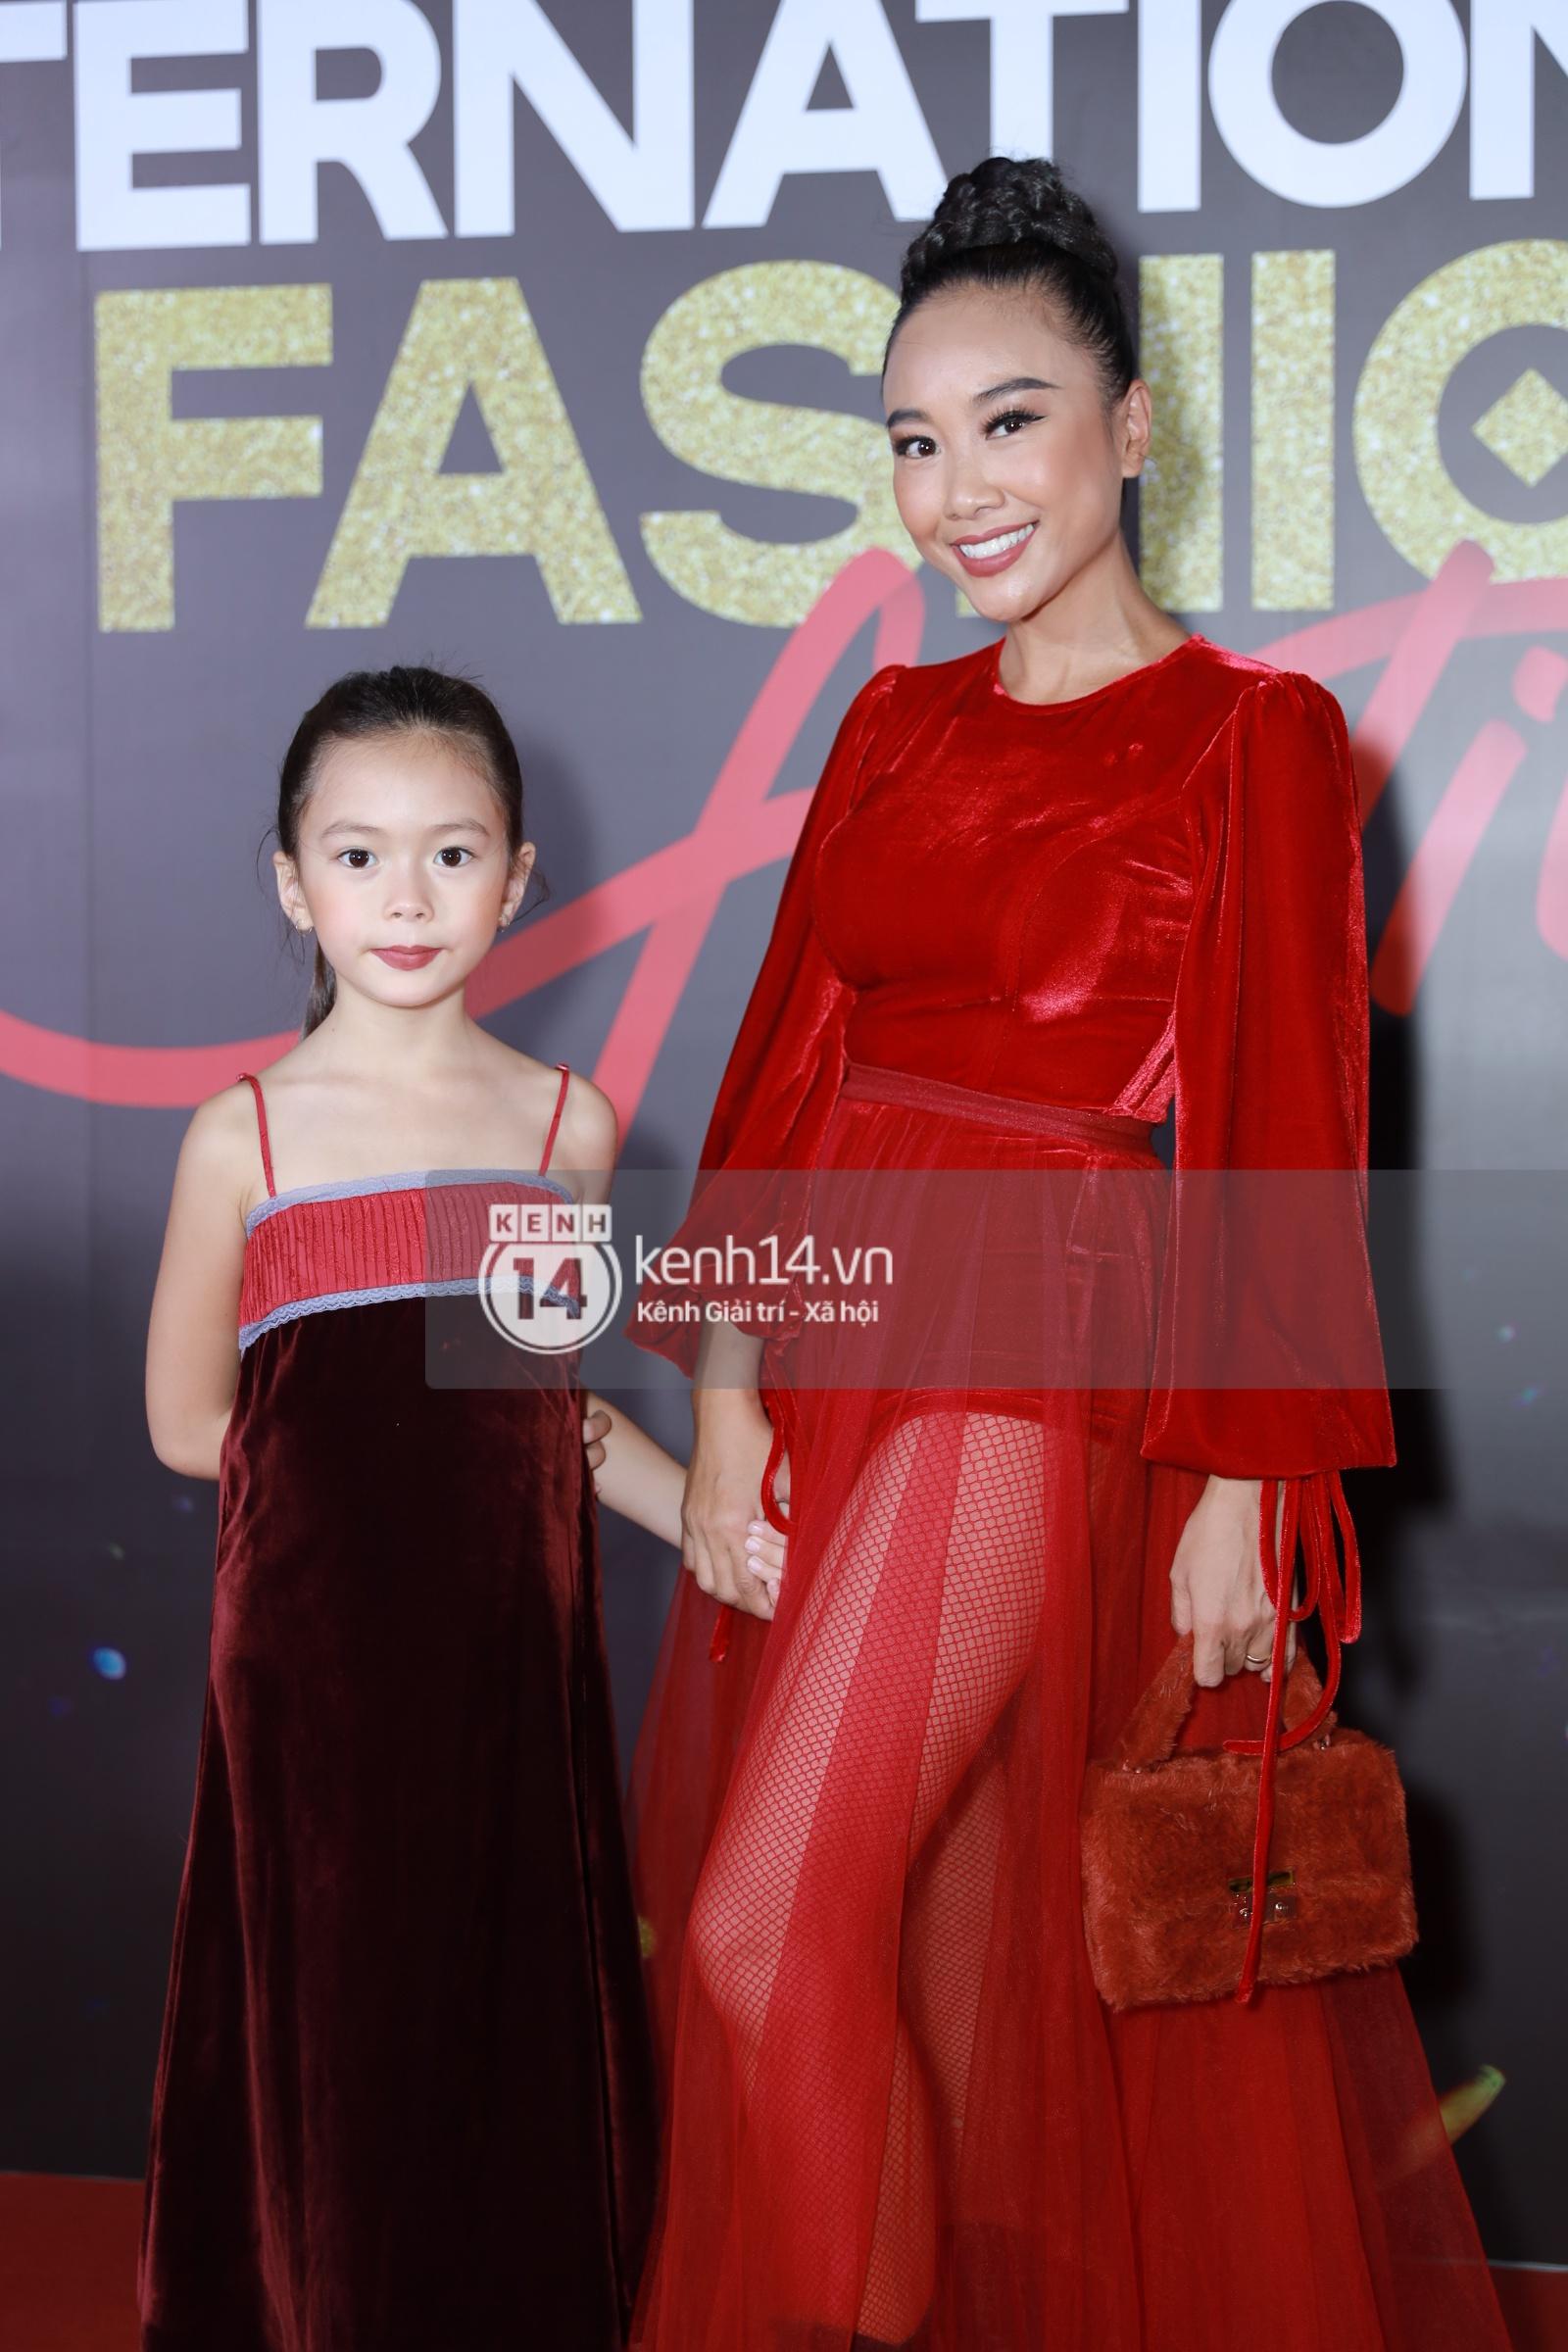 Thảm đỏ VIFF ngày 2: Lãnh Thanh - Trọng Hiếu Idol nổi bật, người mẫu Anh Thư gây thất vọng tràn trề vì set đồ sai sai - Ảnh 4.